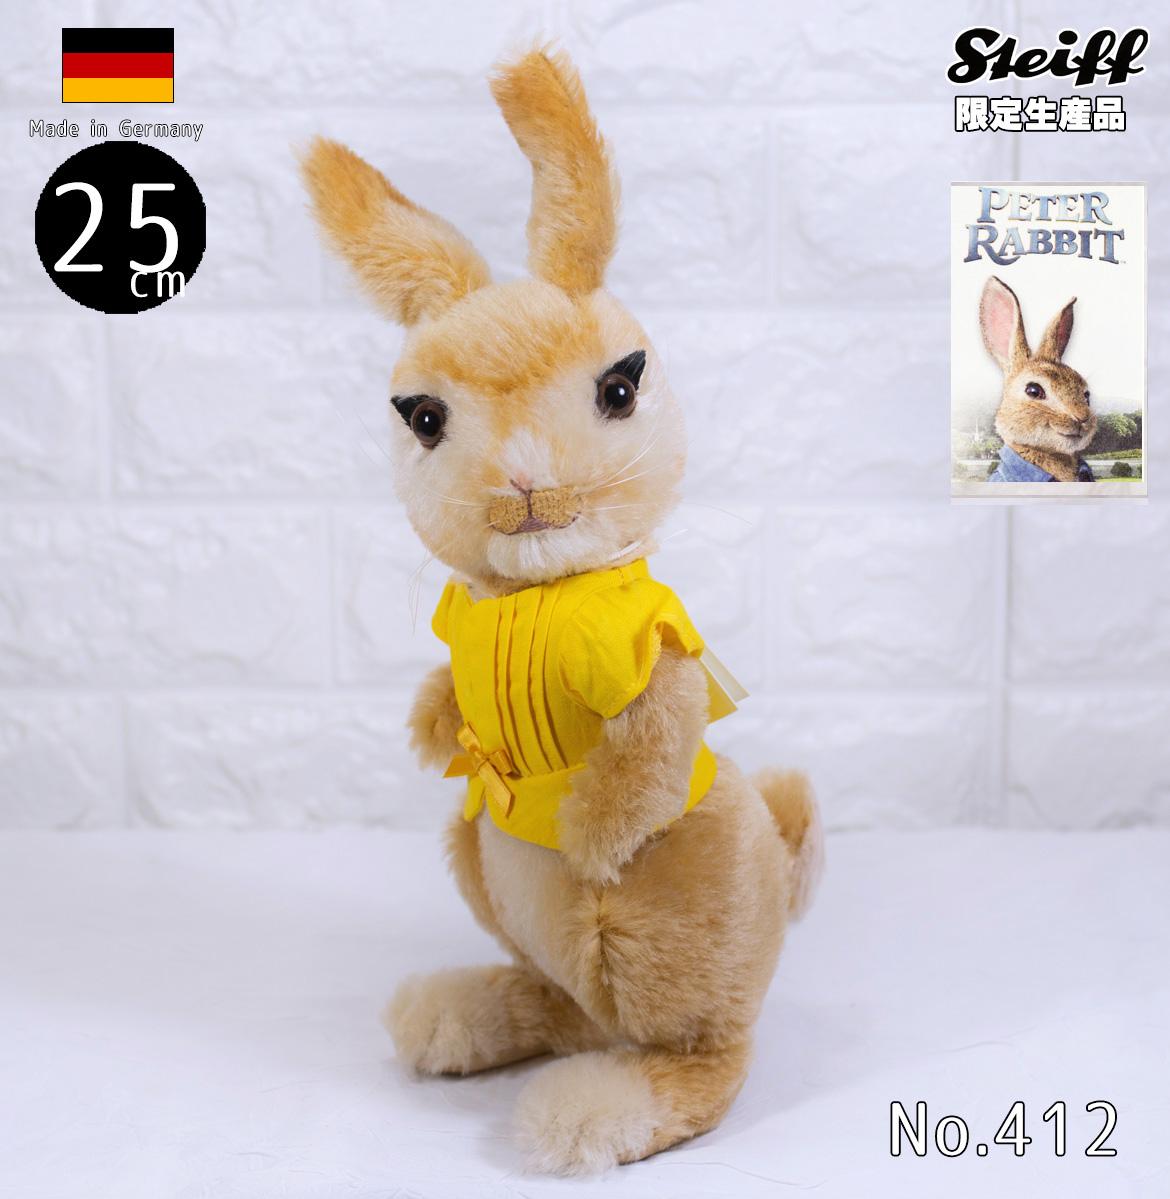 シュタイフ(steiff) 世界限定 ピーターラビットより「モプシーバニー」Mopsy Bunny テディベア /プレゼント/ぬいぐるみ/クリスマス/